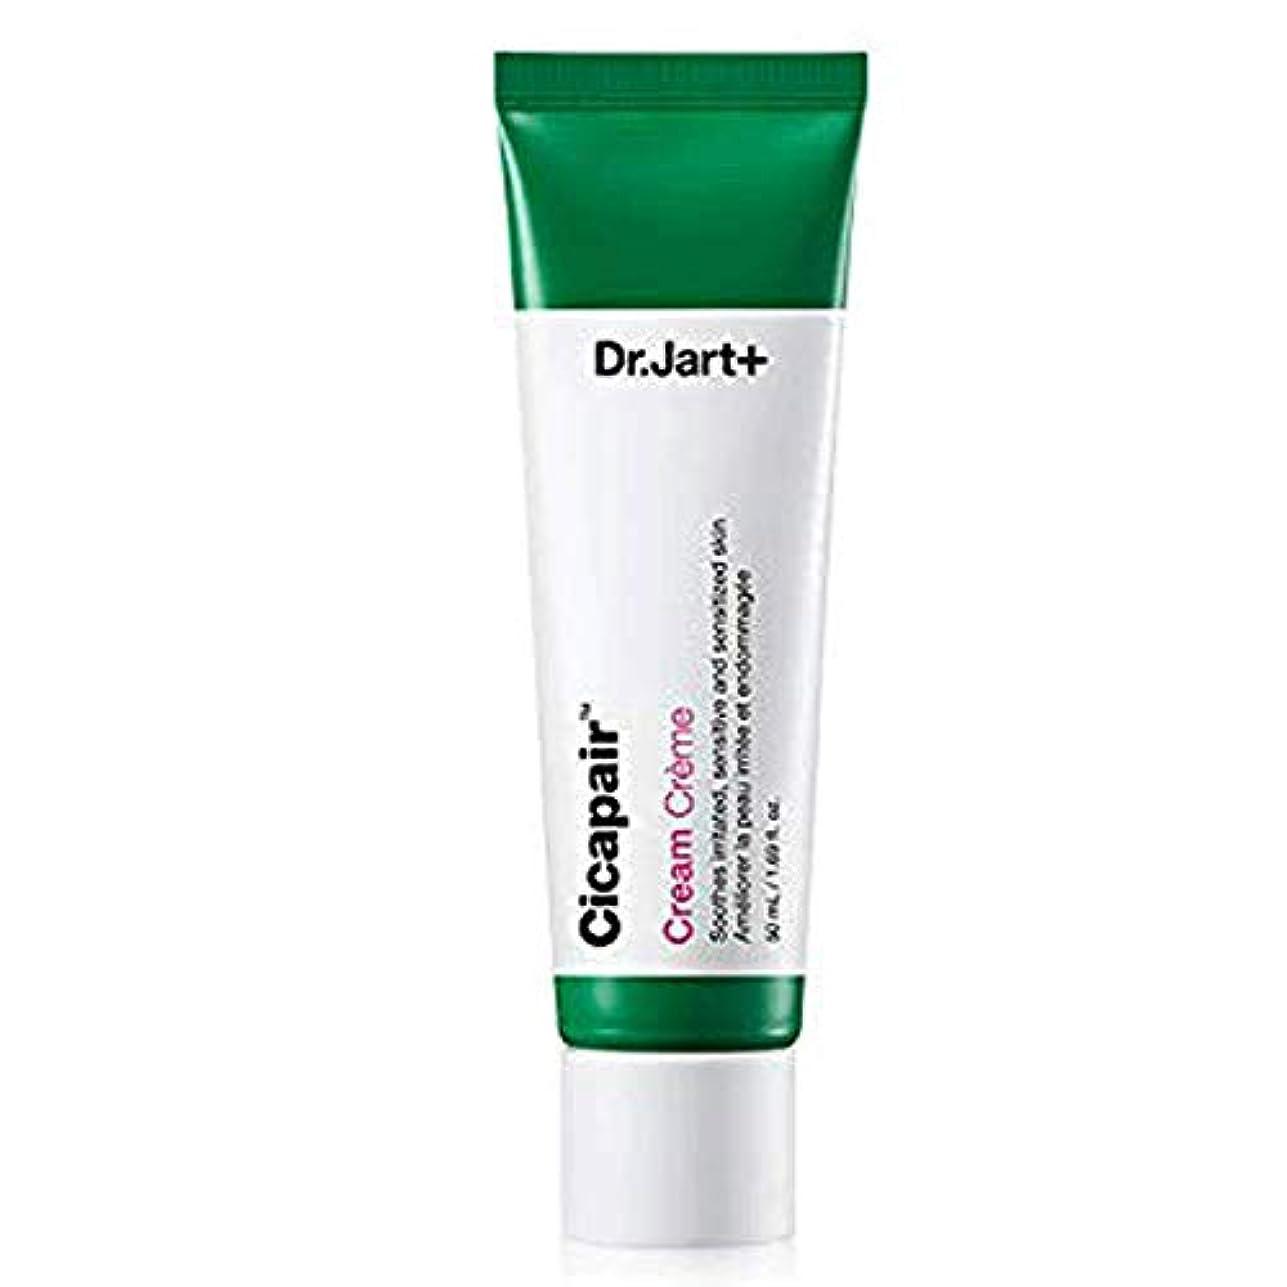 Dr.Jart+ Cicapair Cream 50ml ドクタージャルト シカ ペア クリーム 50ml(2代目) [並行輸入品]